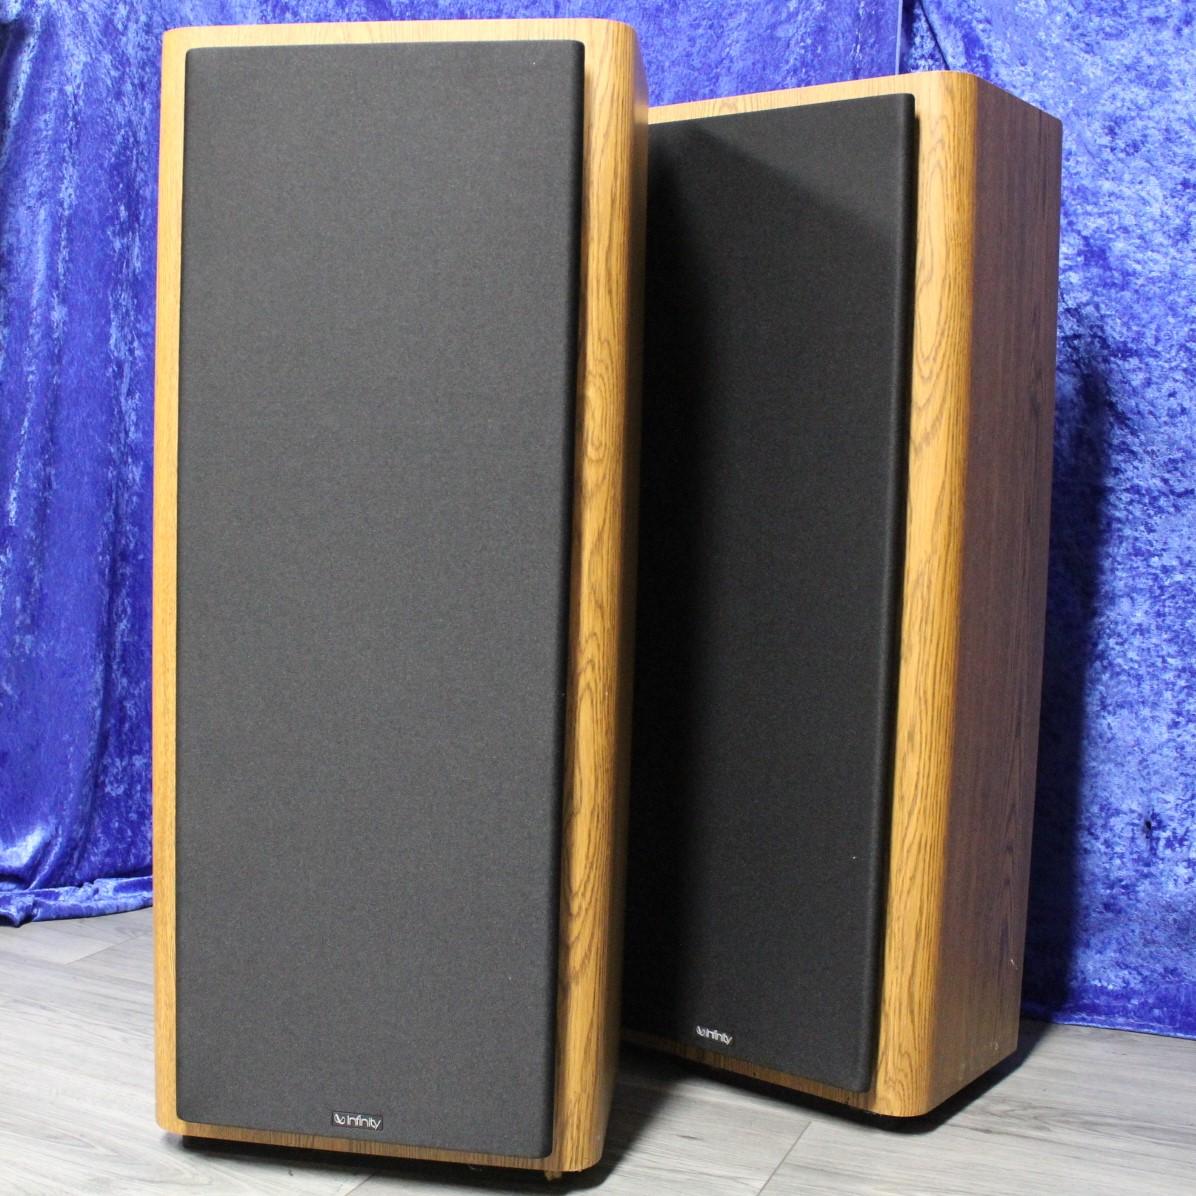 Infinity RS 6000 Paar Lautsprecher